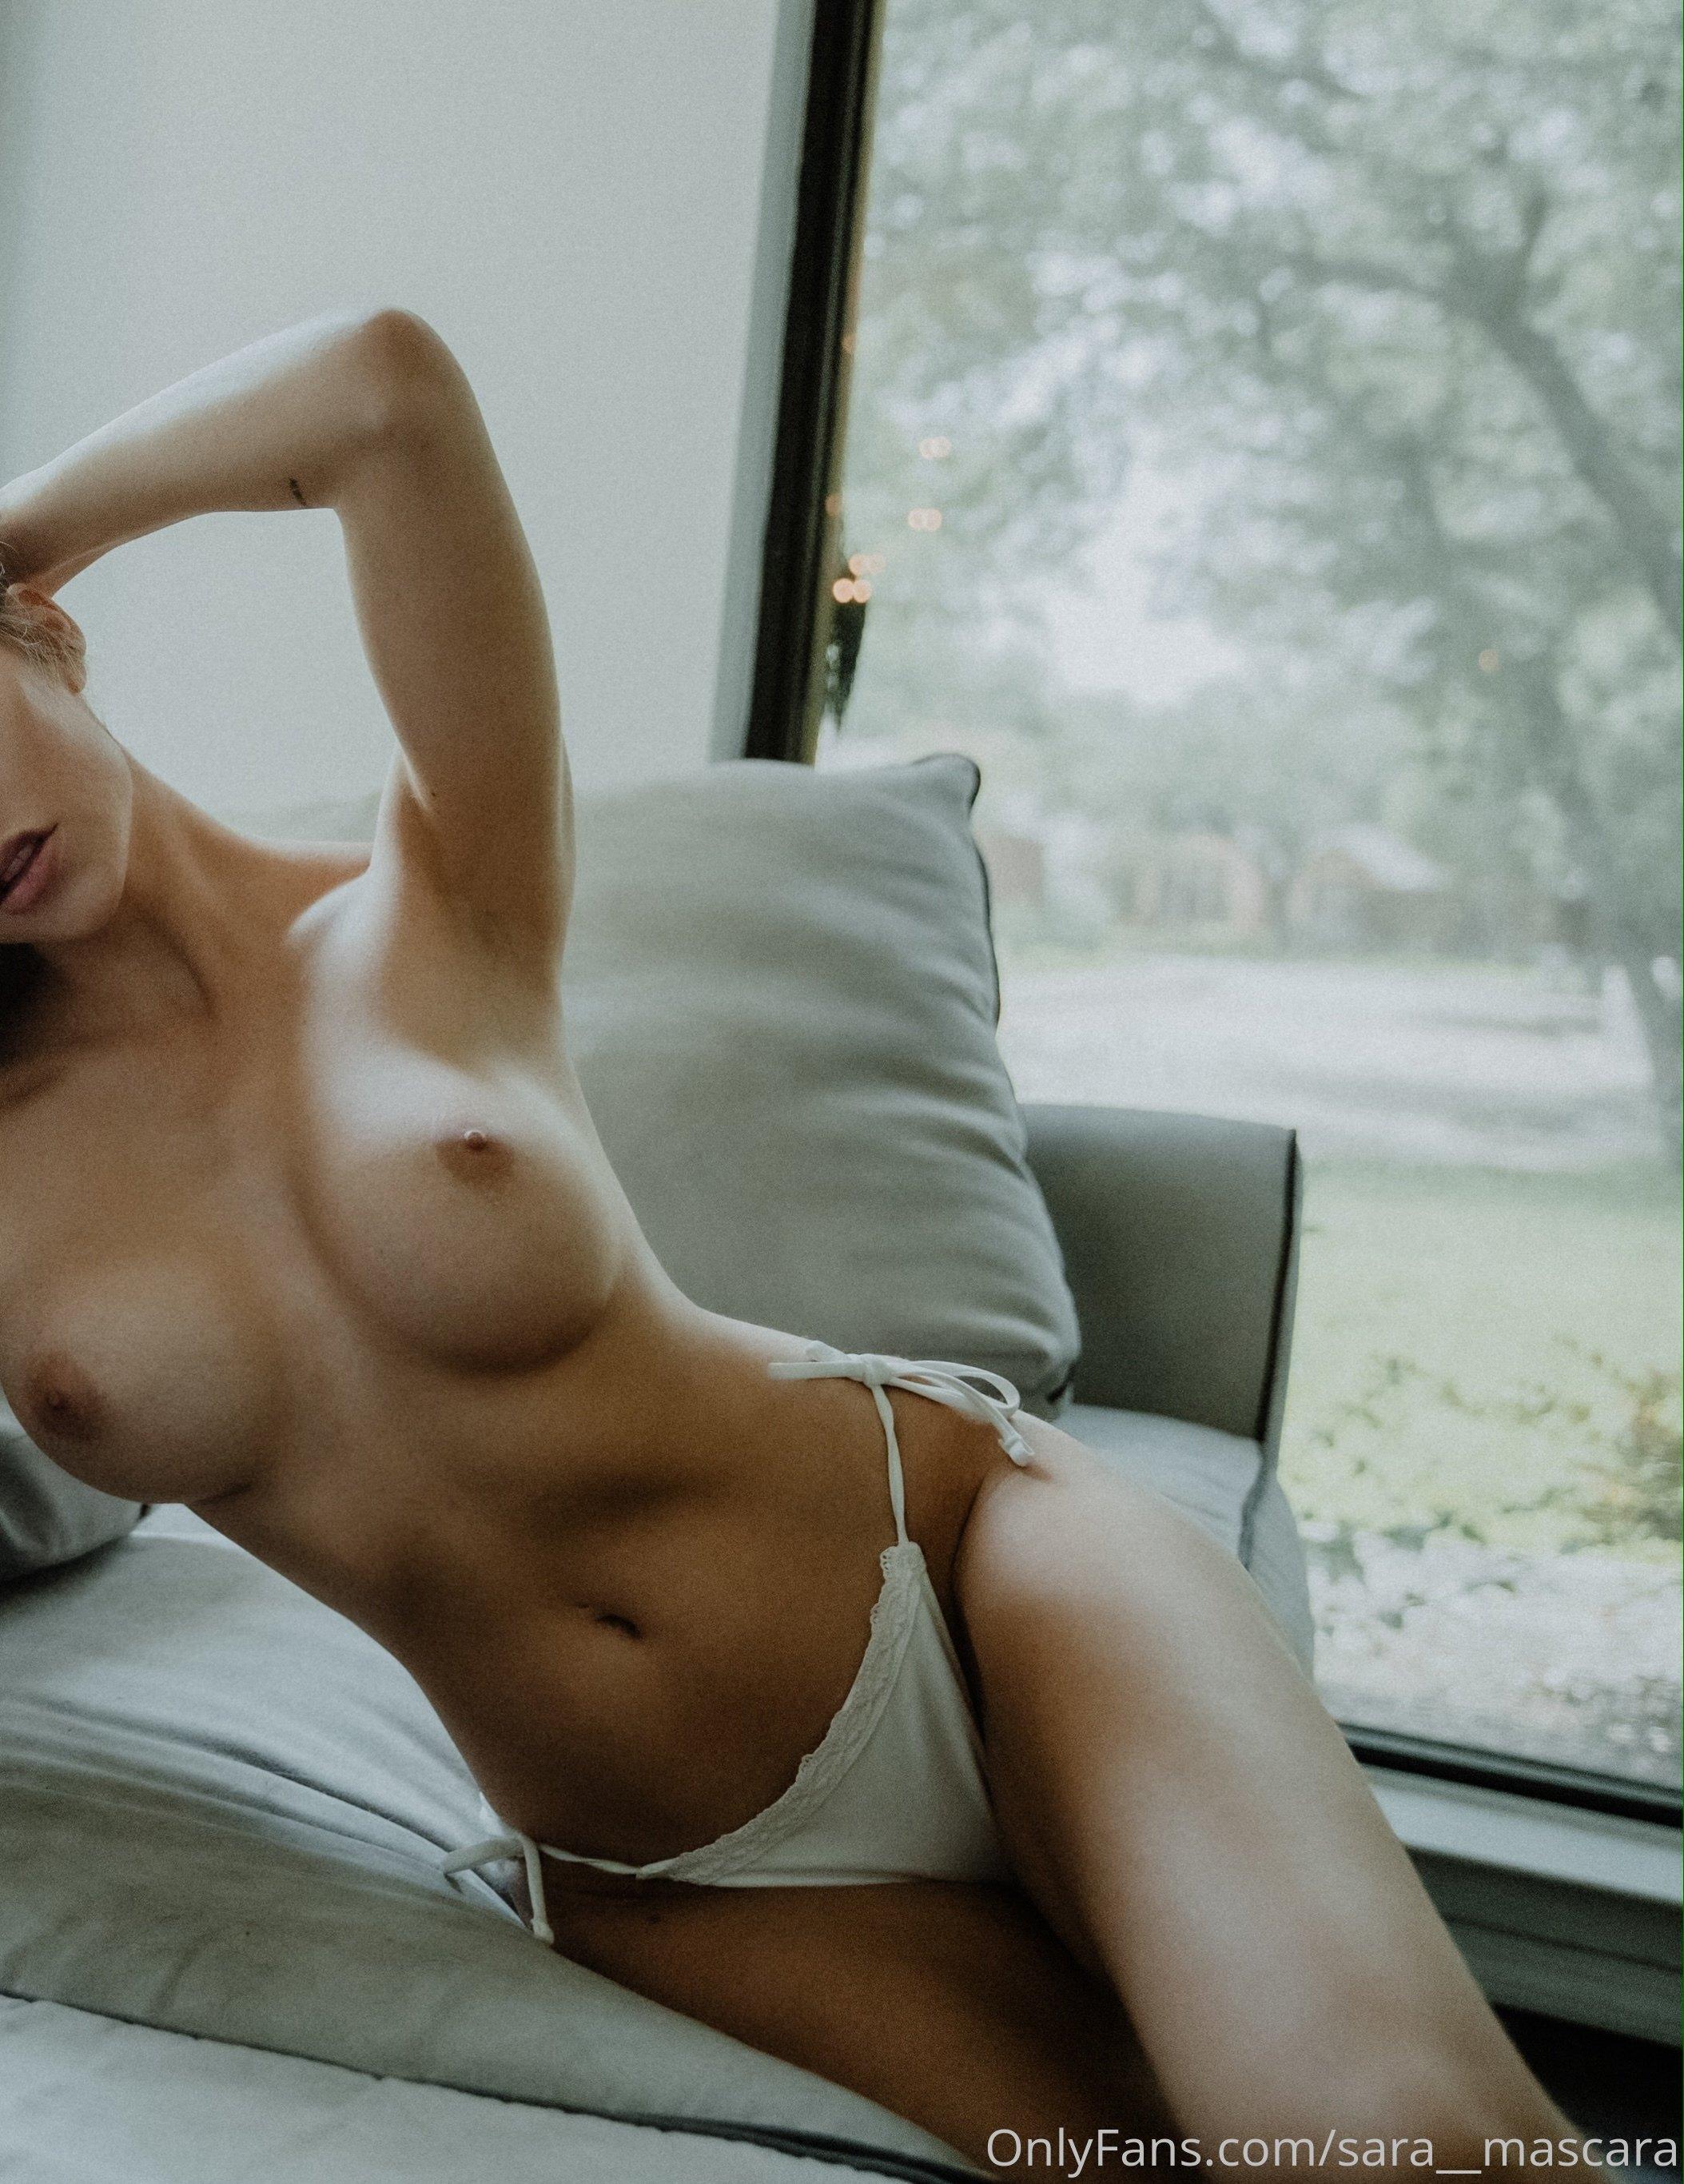 Sara Mascara, Onlyfans0017